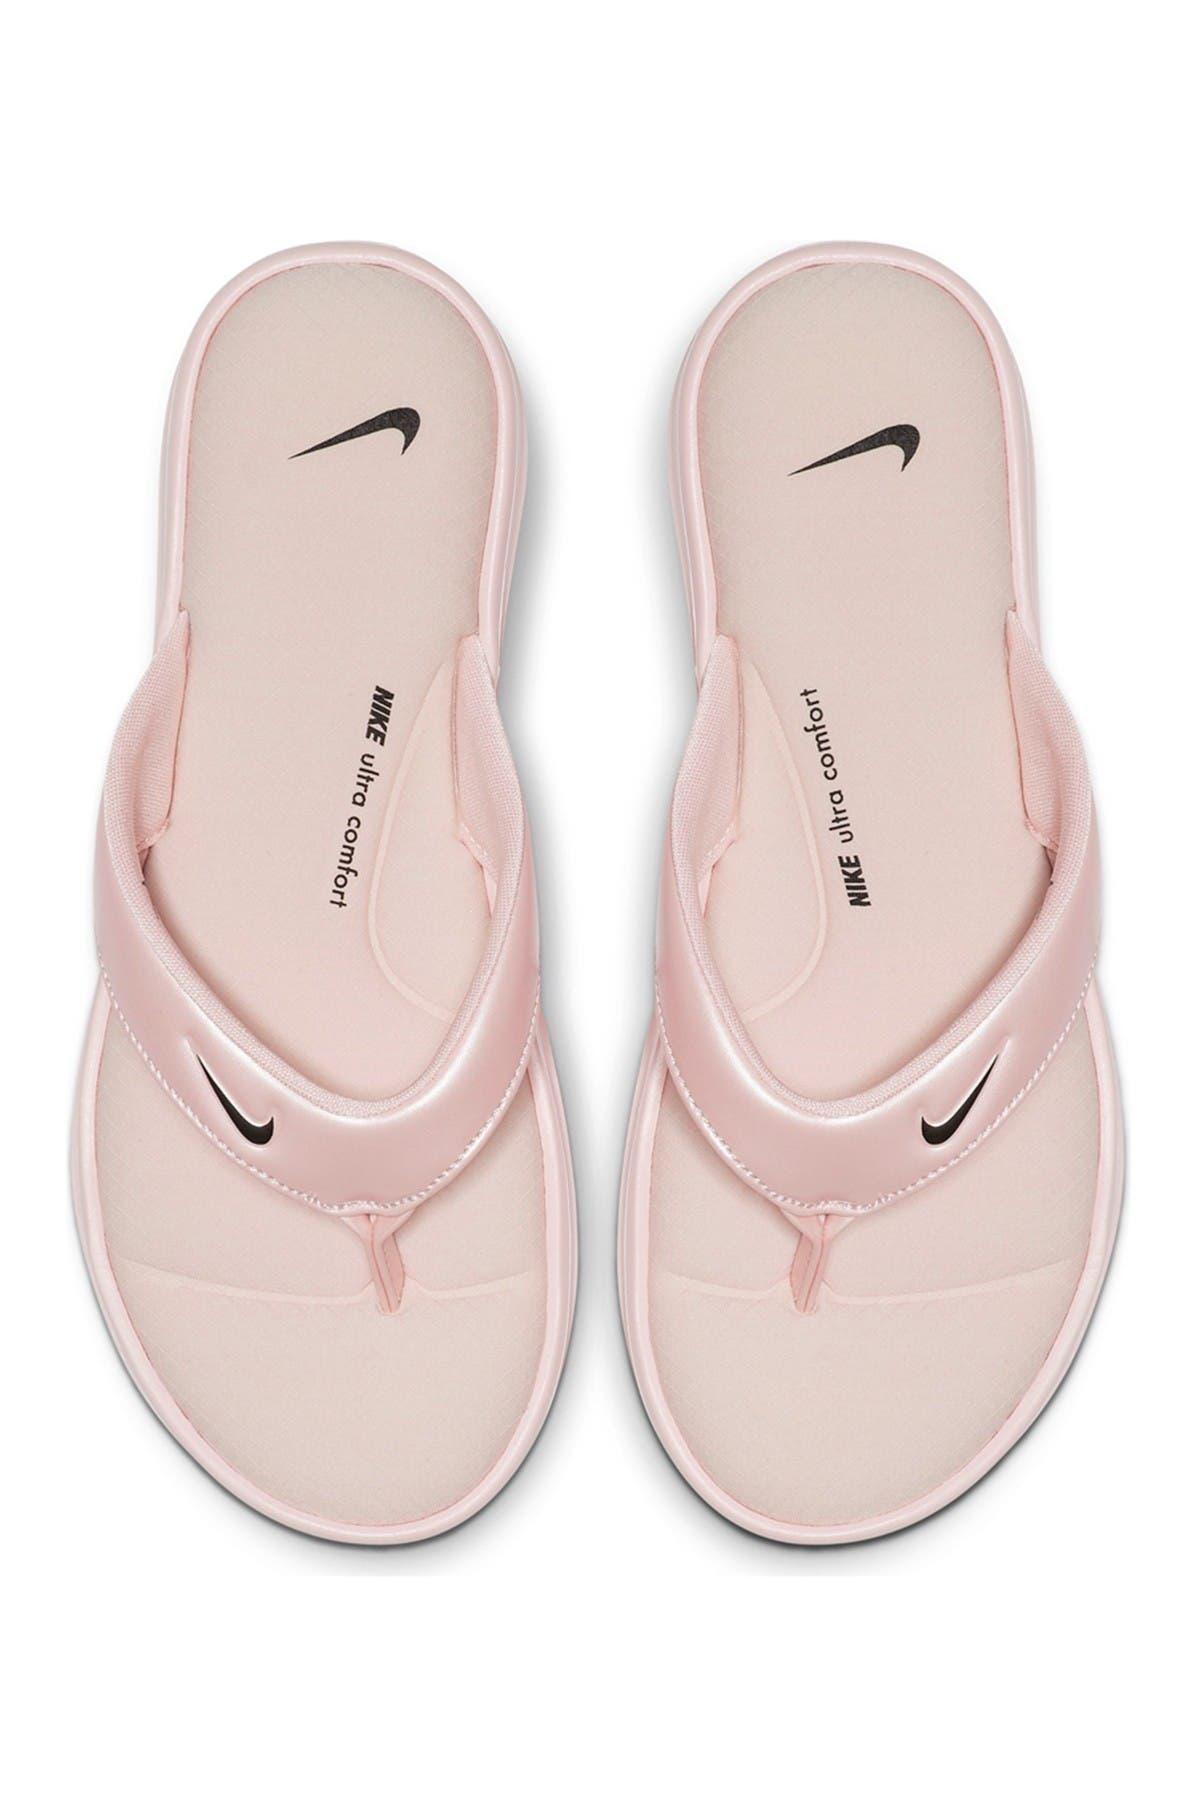 Nike   Ultra Comfort 3 Flip Flop Sandal